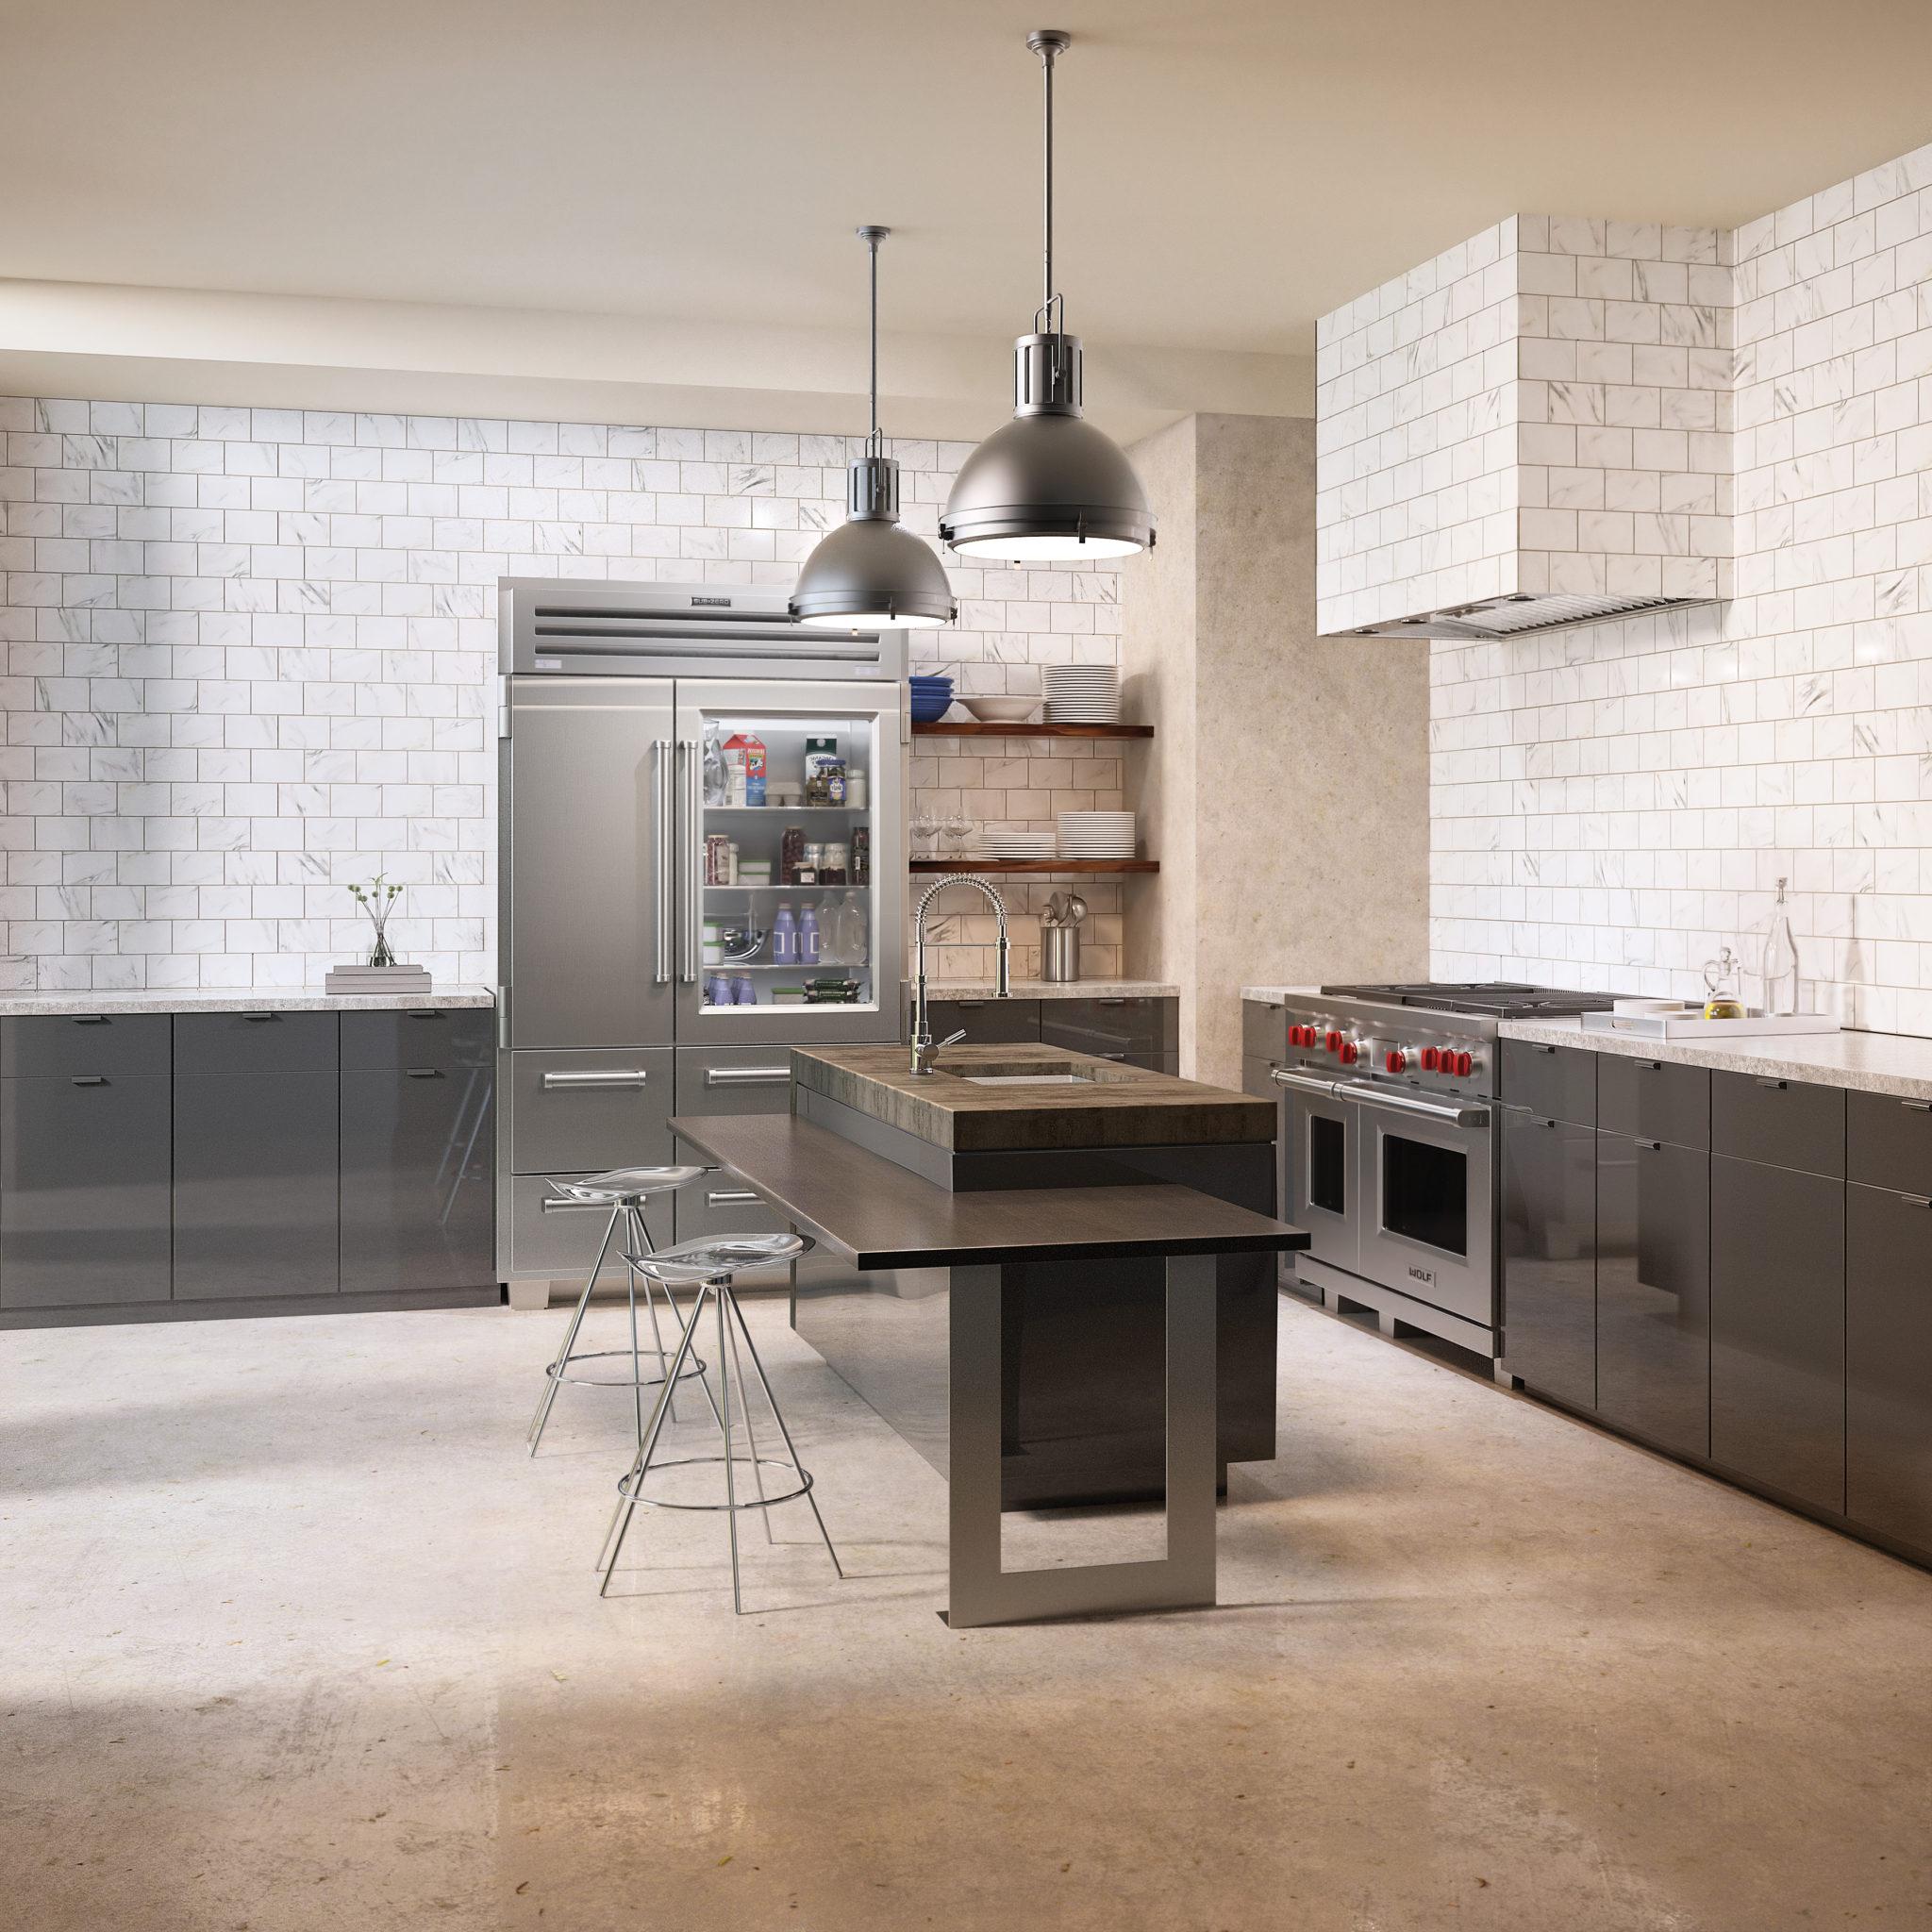 Kitchens Store: Atlanta's Premier Kitchen Appliance Store